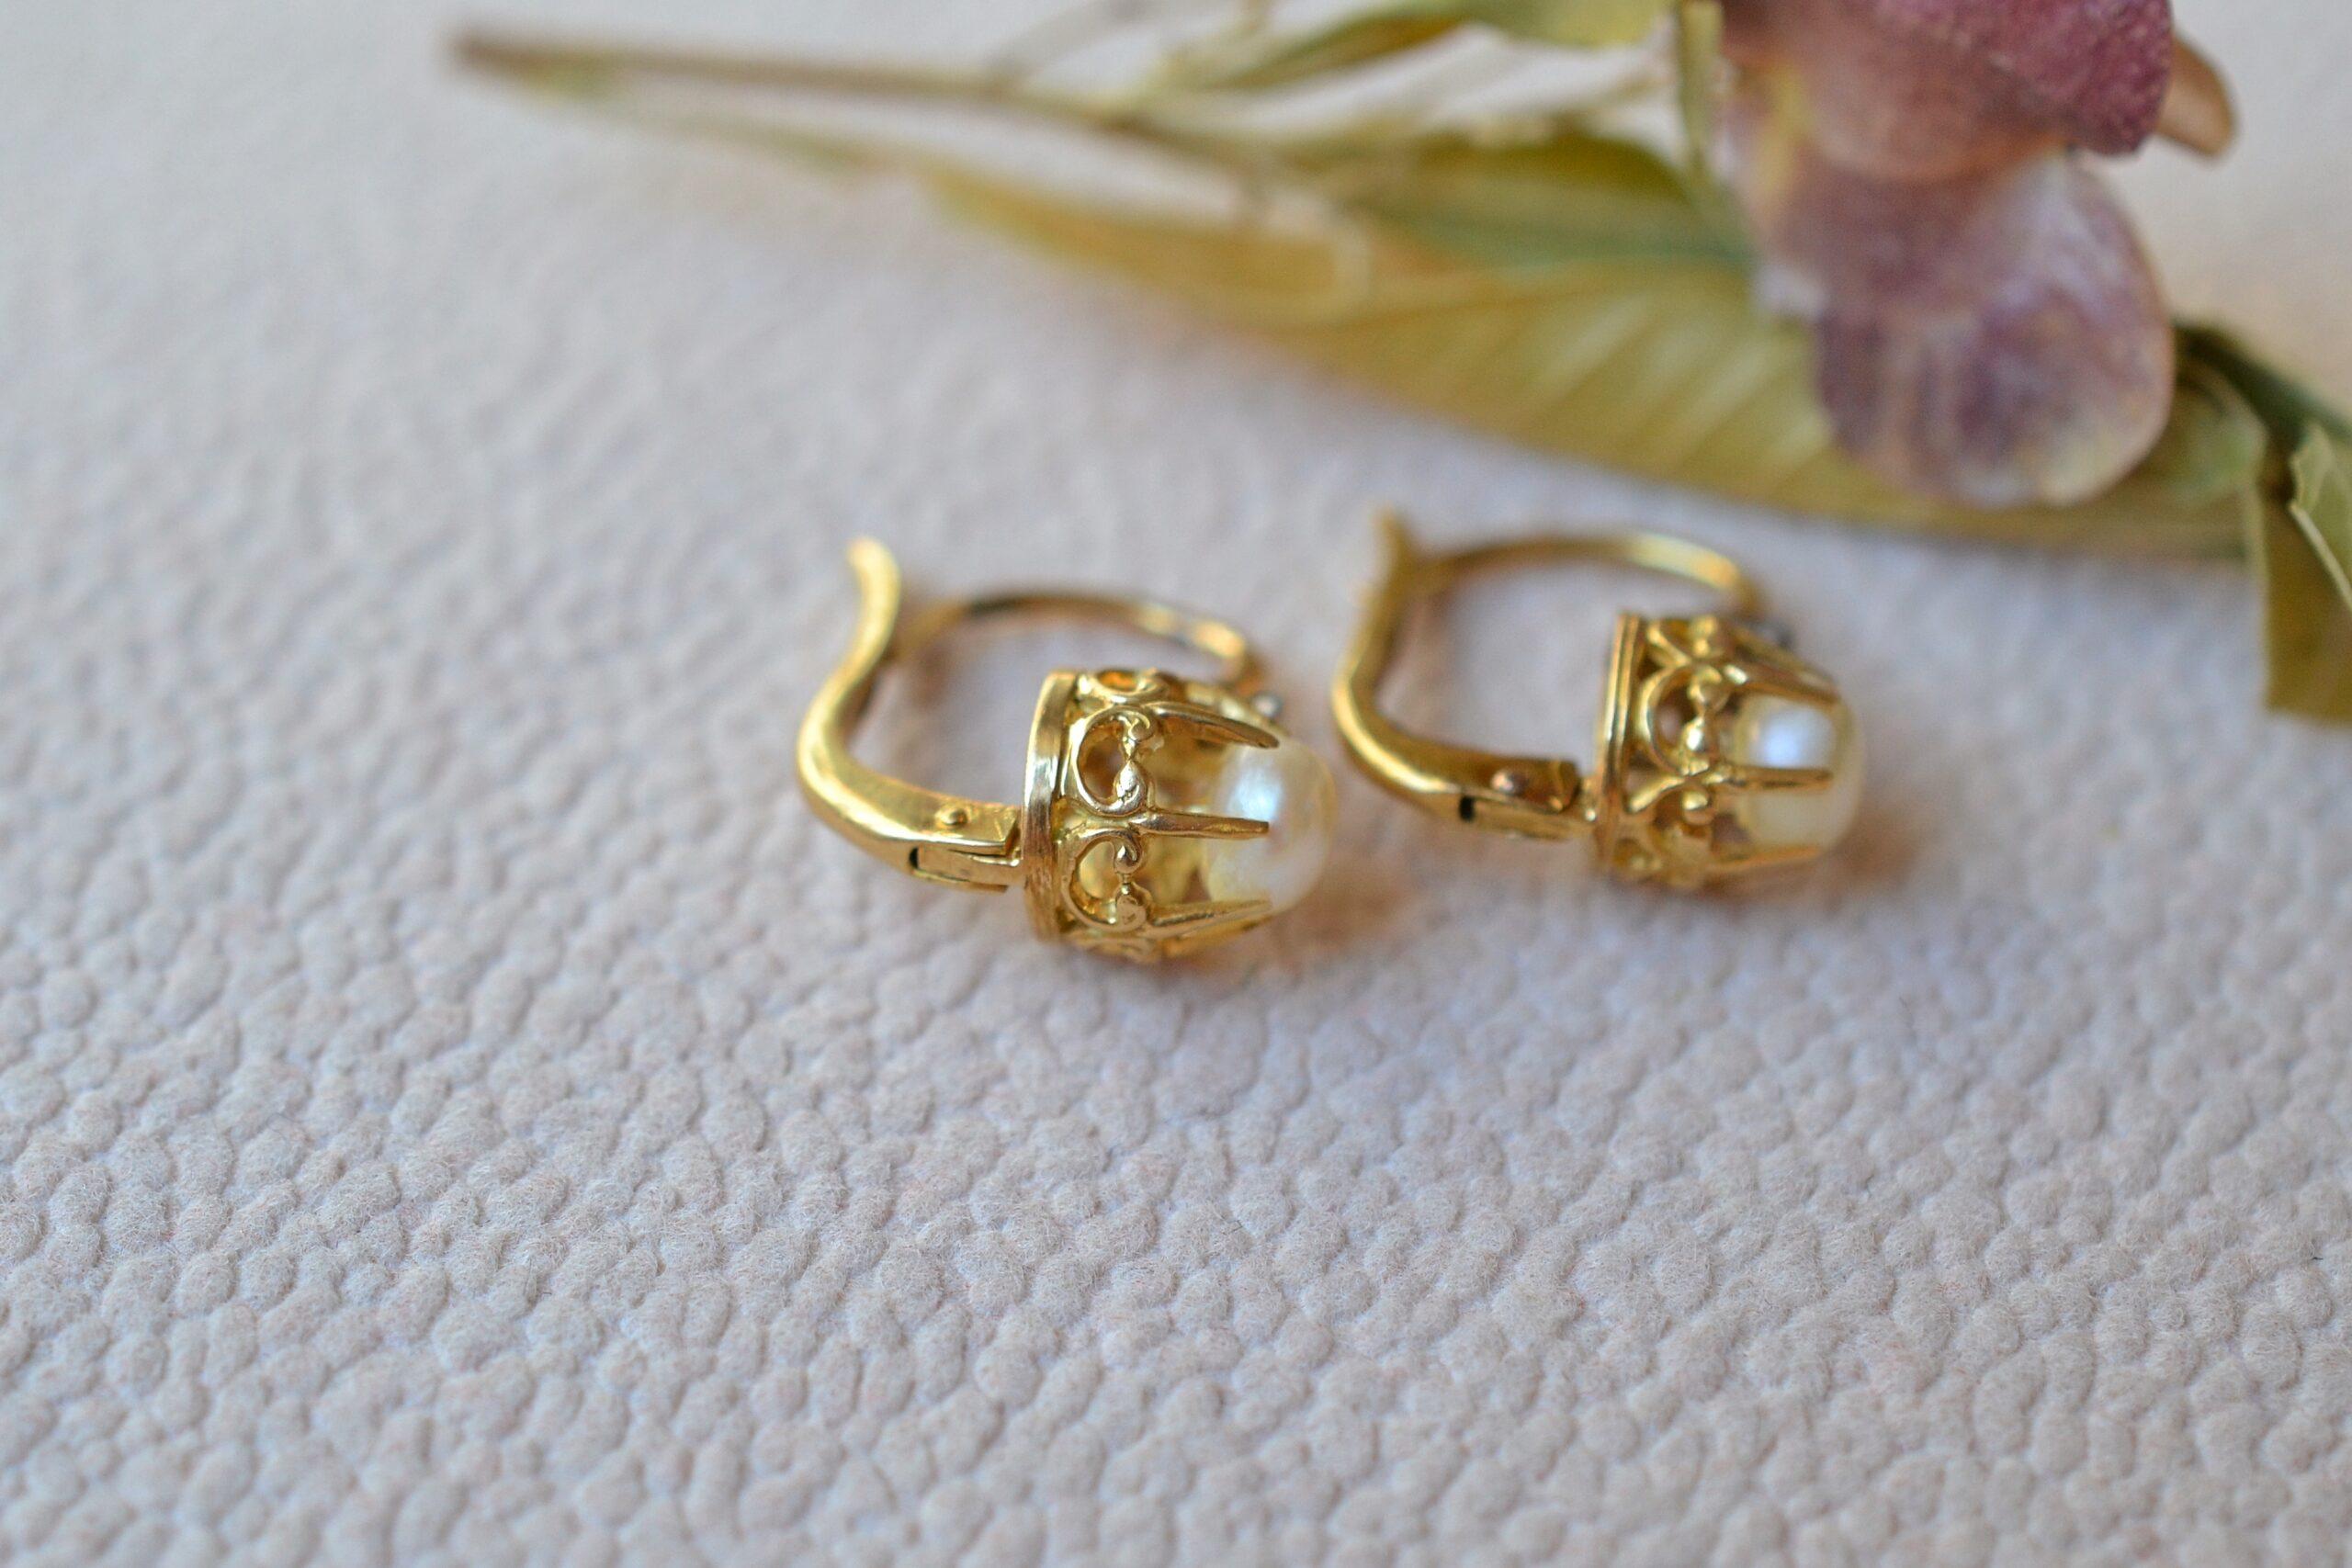 Dormeuses Perles et Diamants boucles d oreilles en or